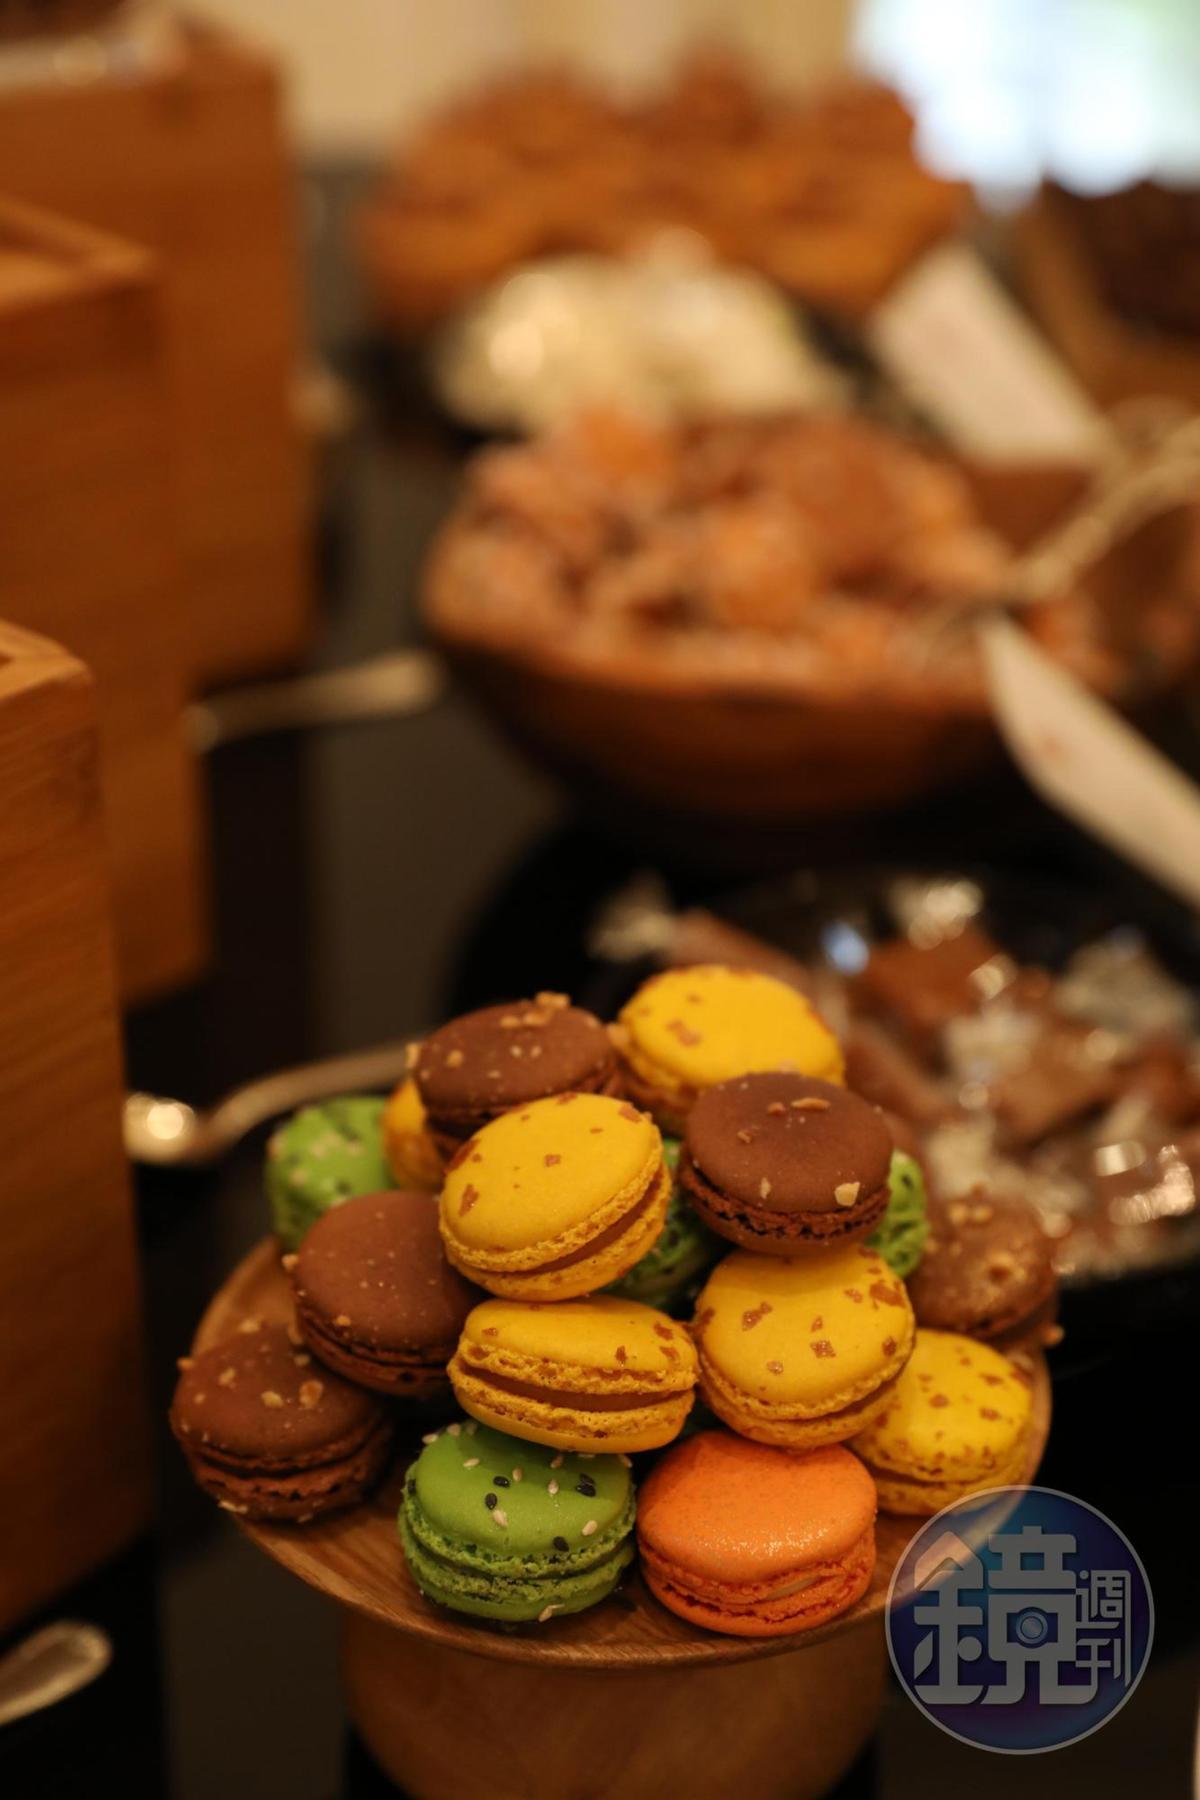 下午茶供應五顏六色的馬卡龍,誘人食指大動。